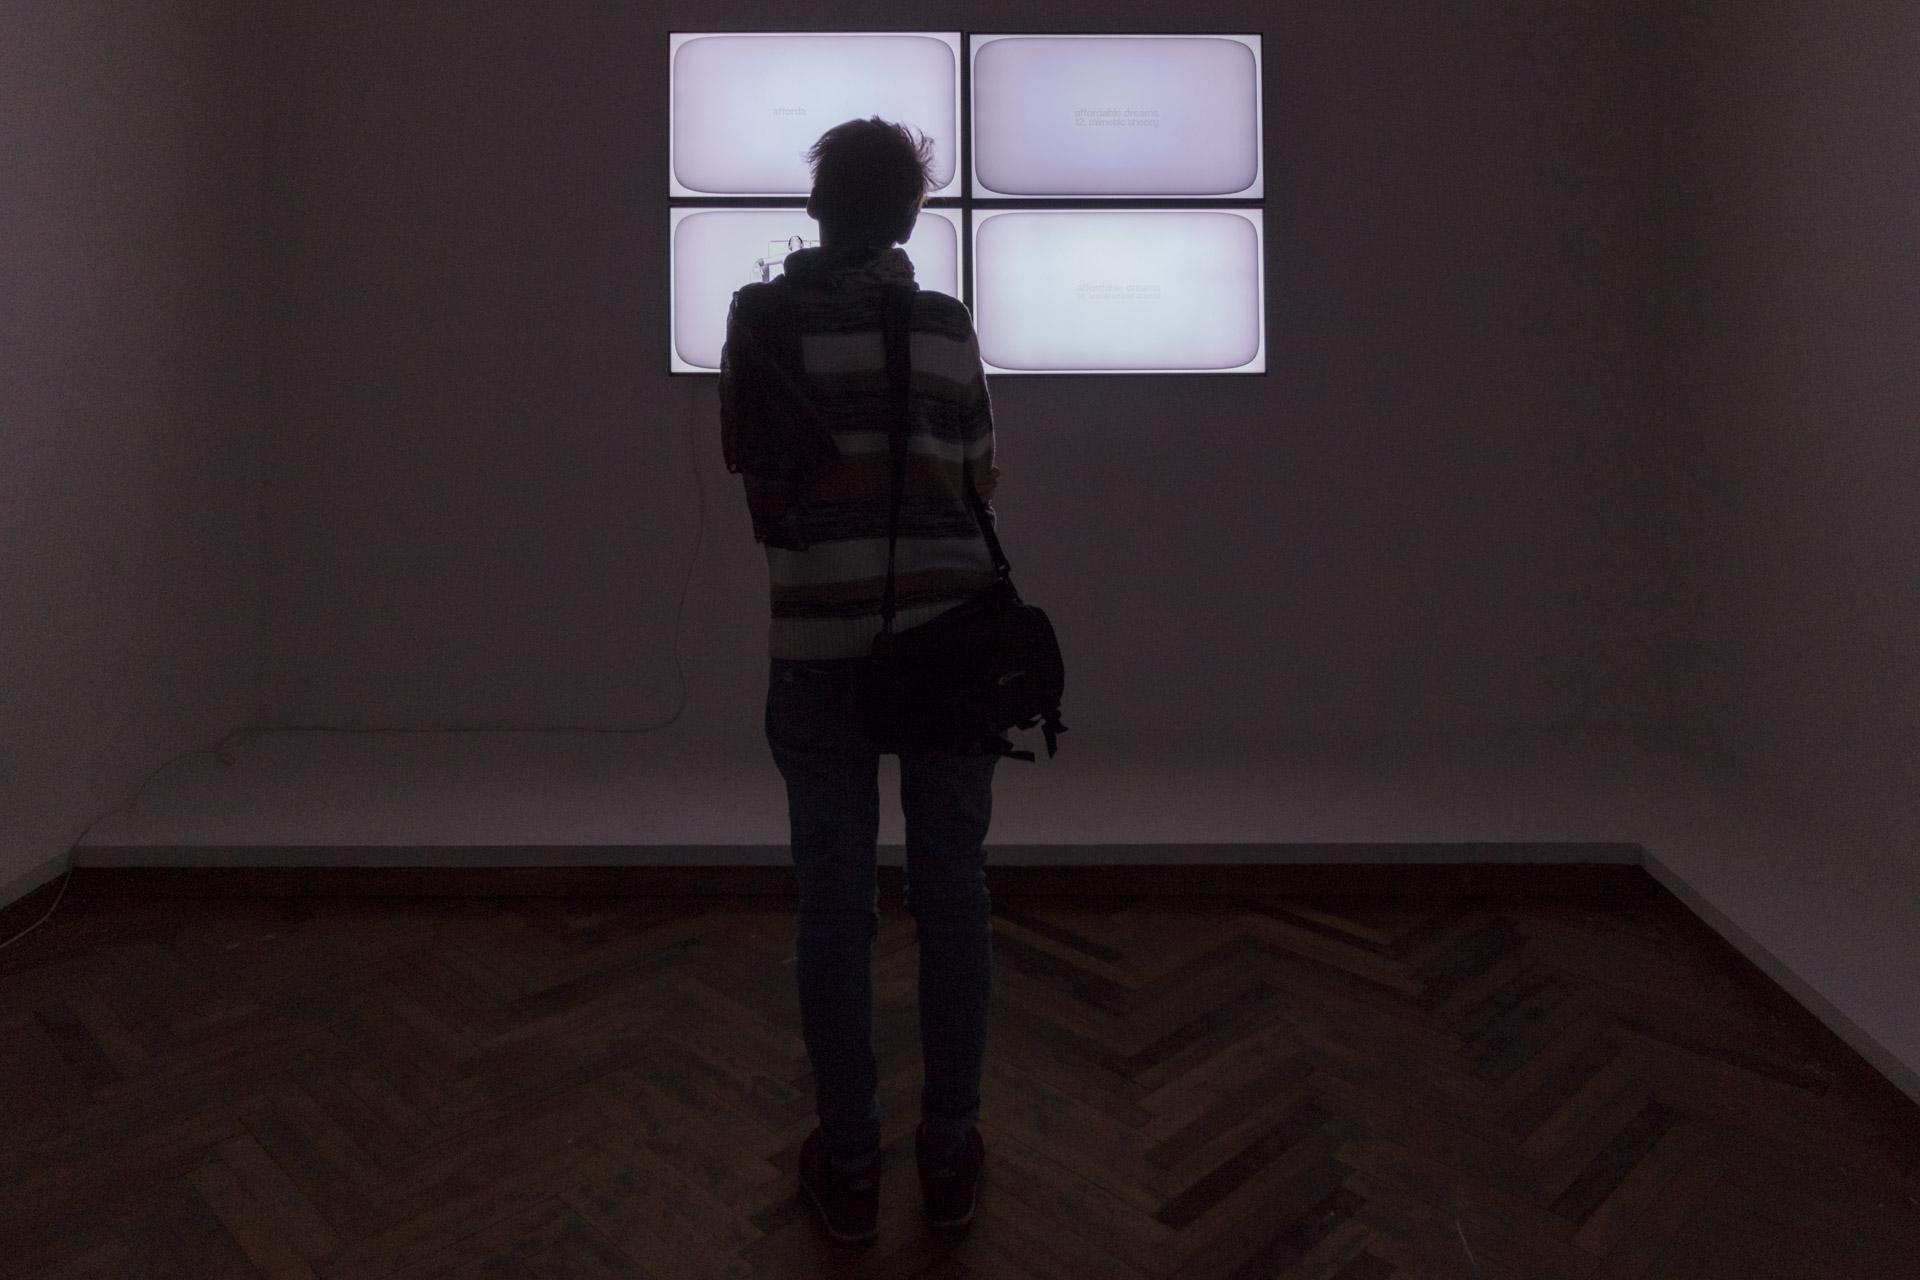 2017_11_09_va_videoforma_7